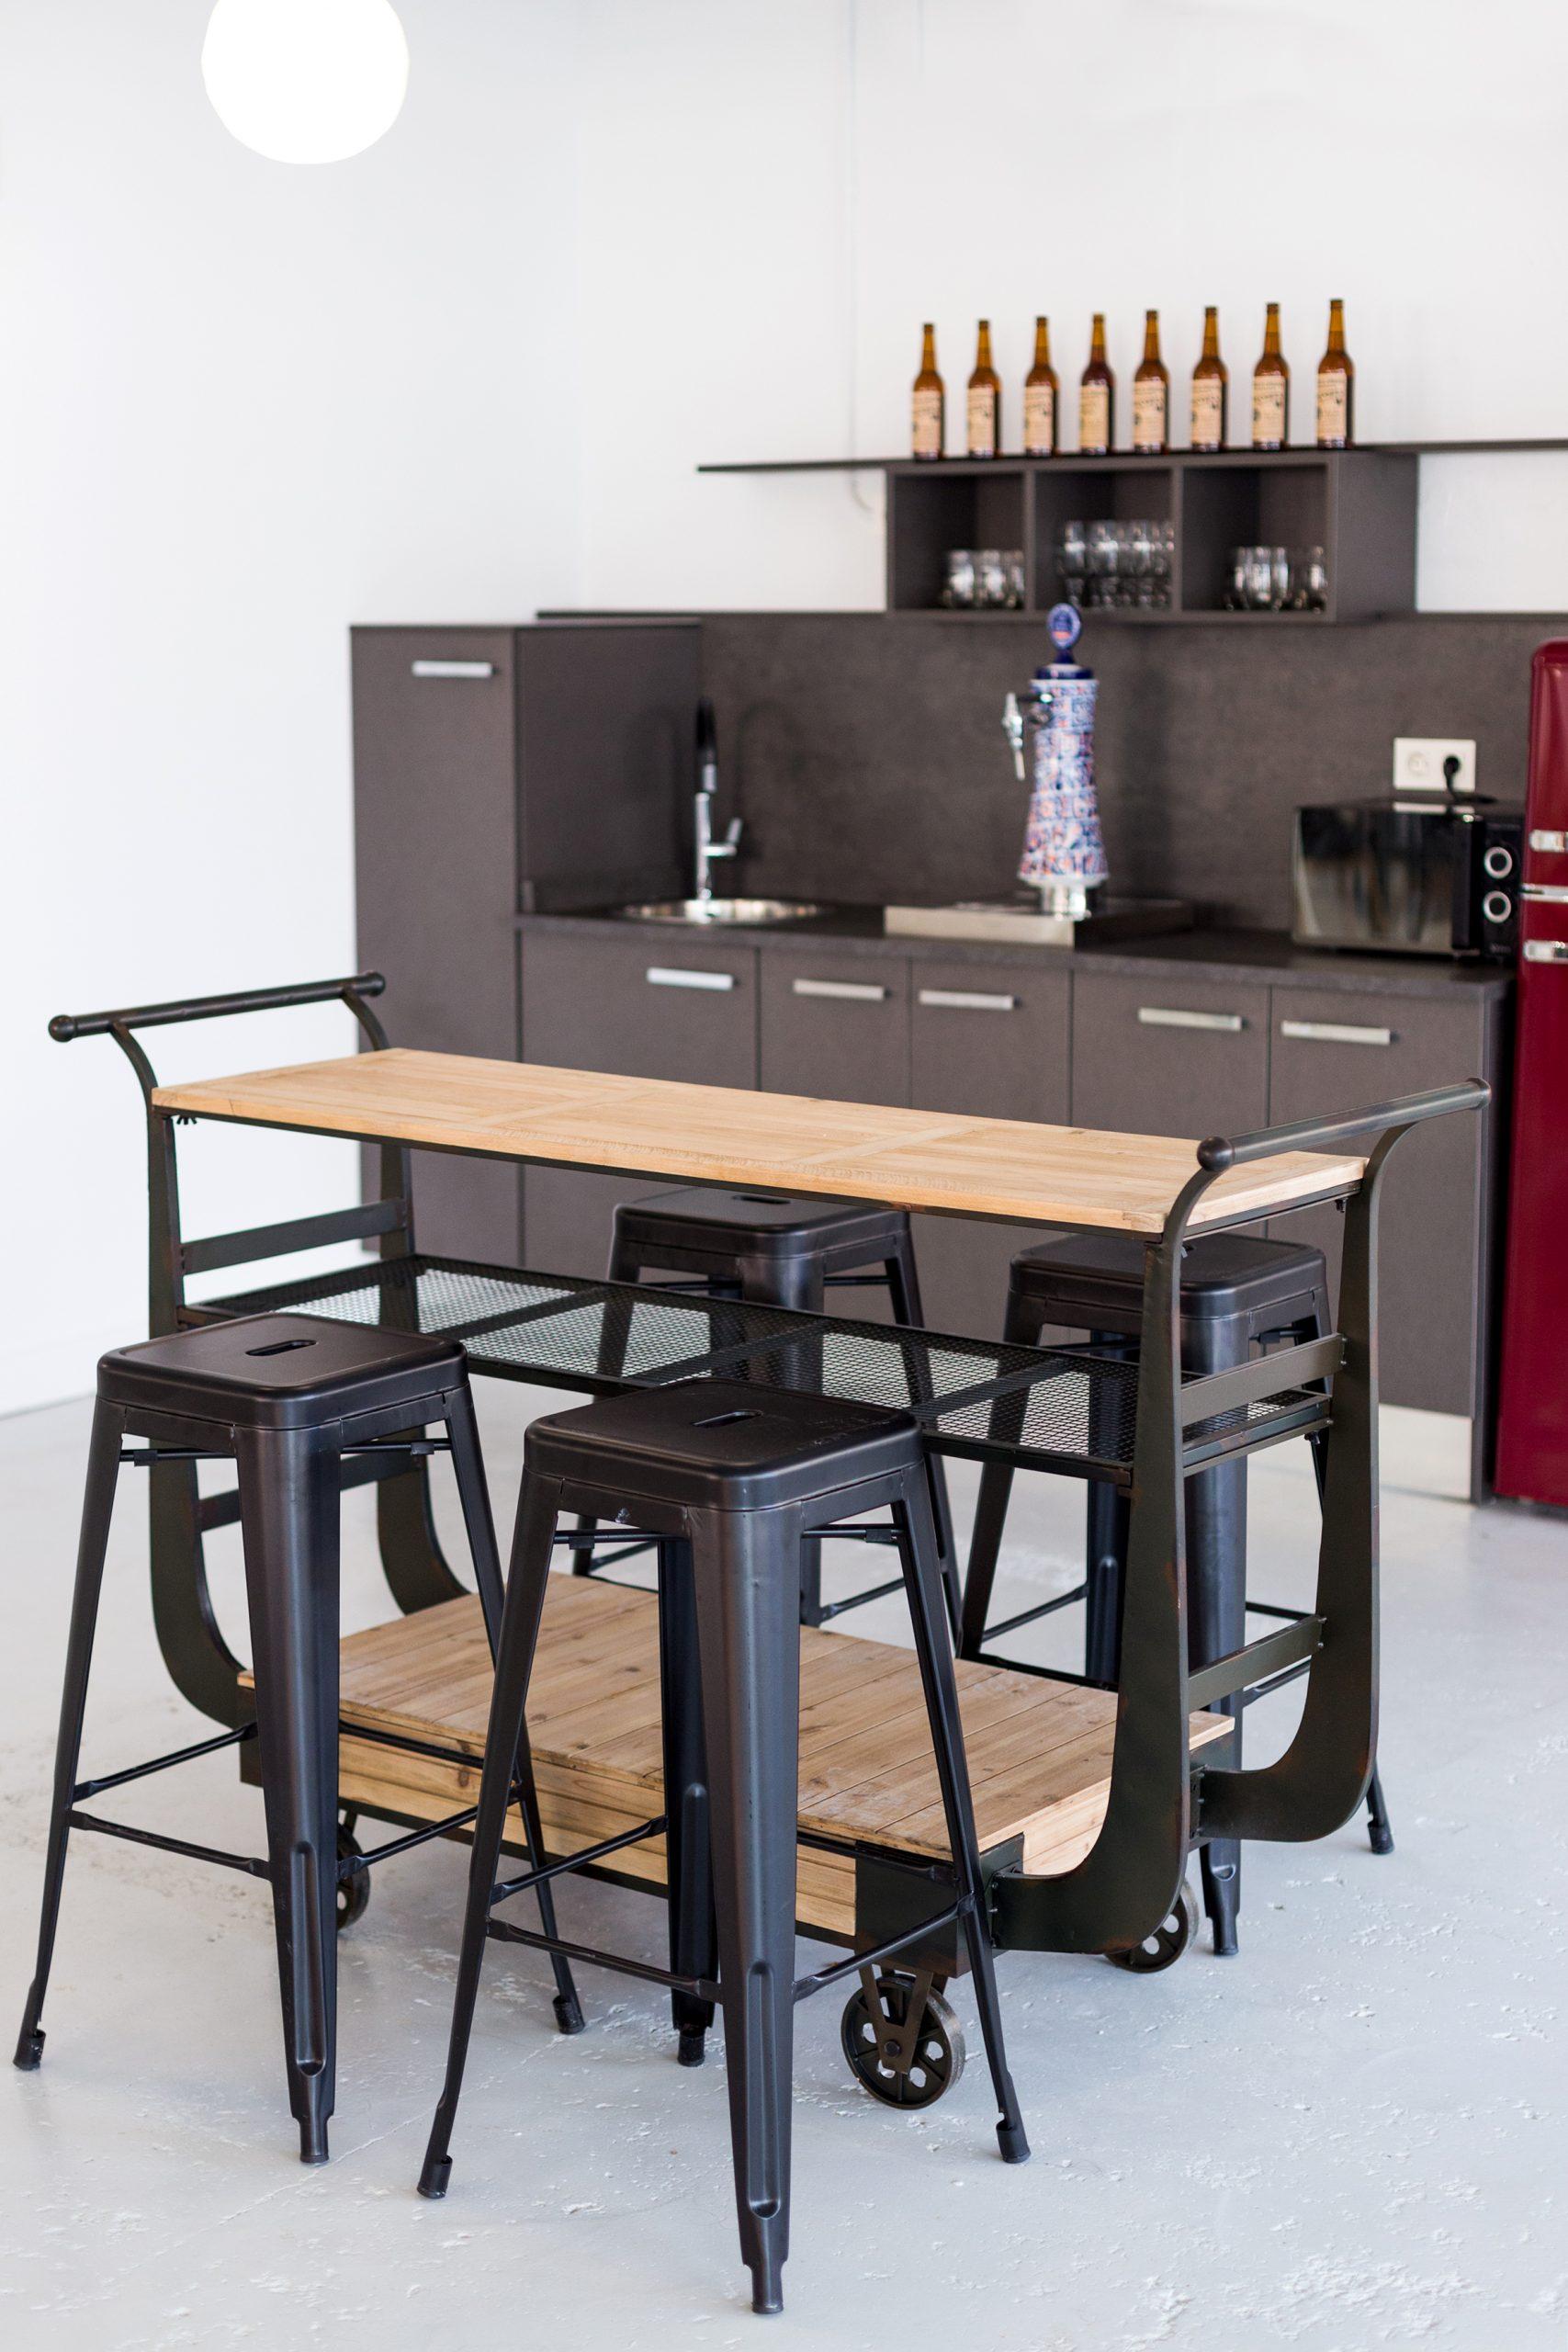 Cocina-Biworking-coliving-coworkers-Bilbao-inversores-ocio